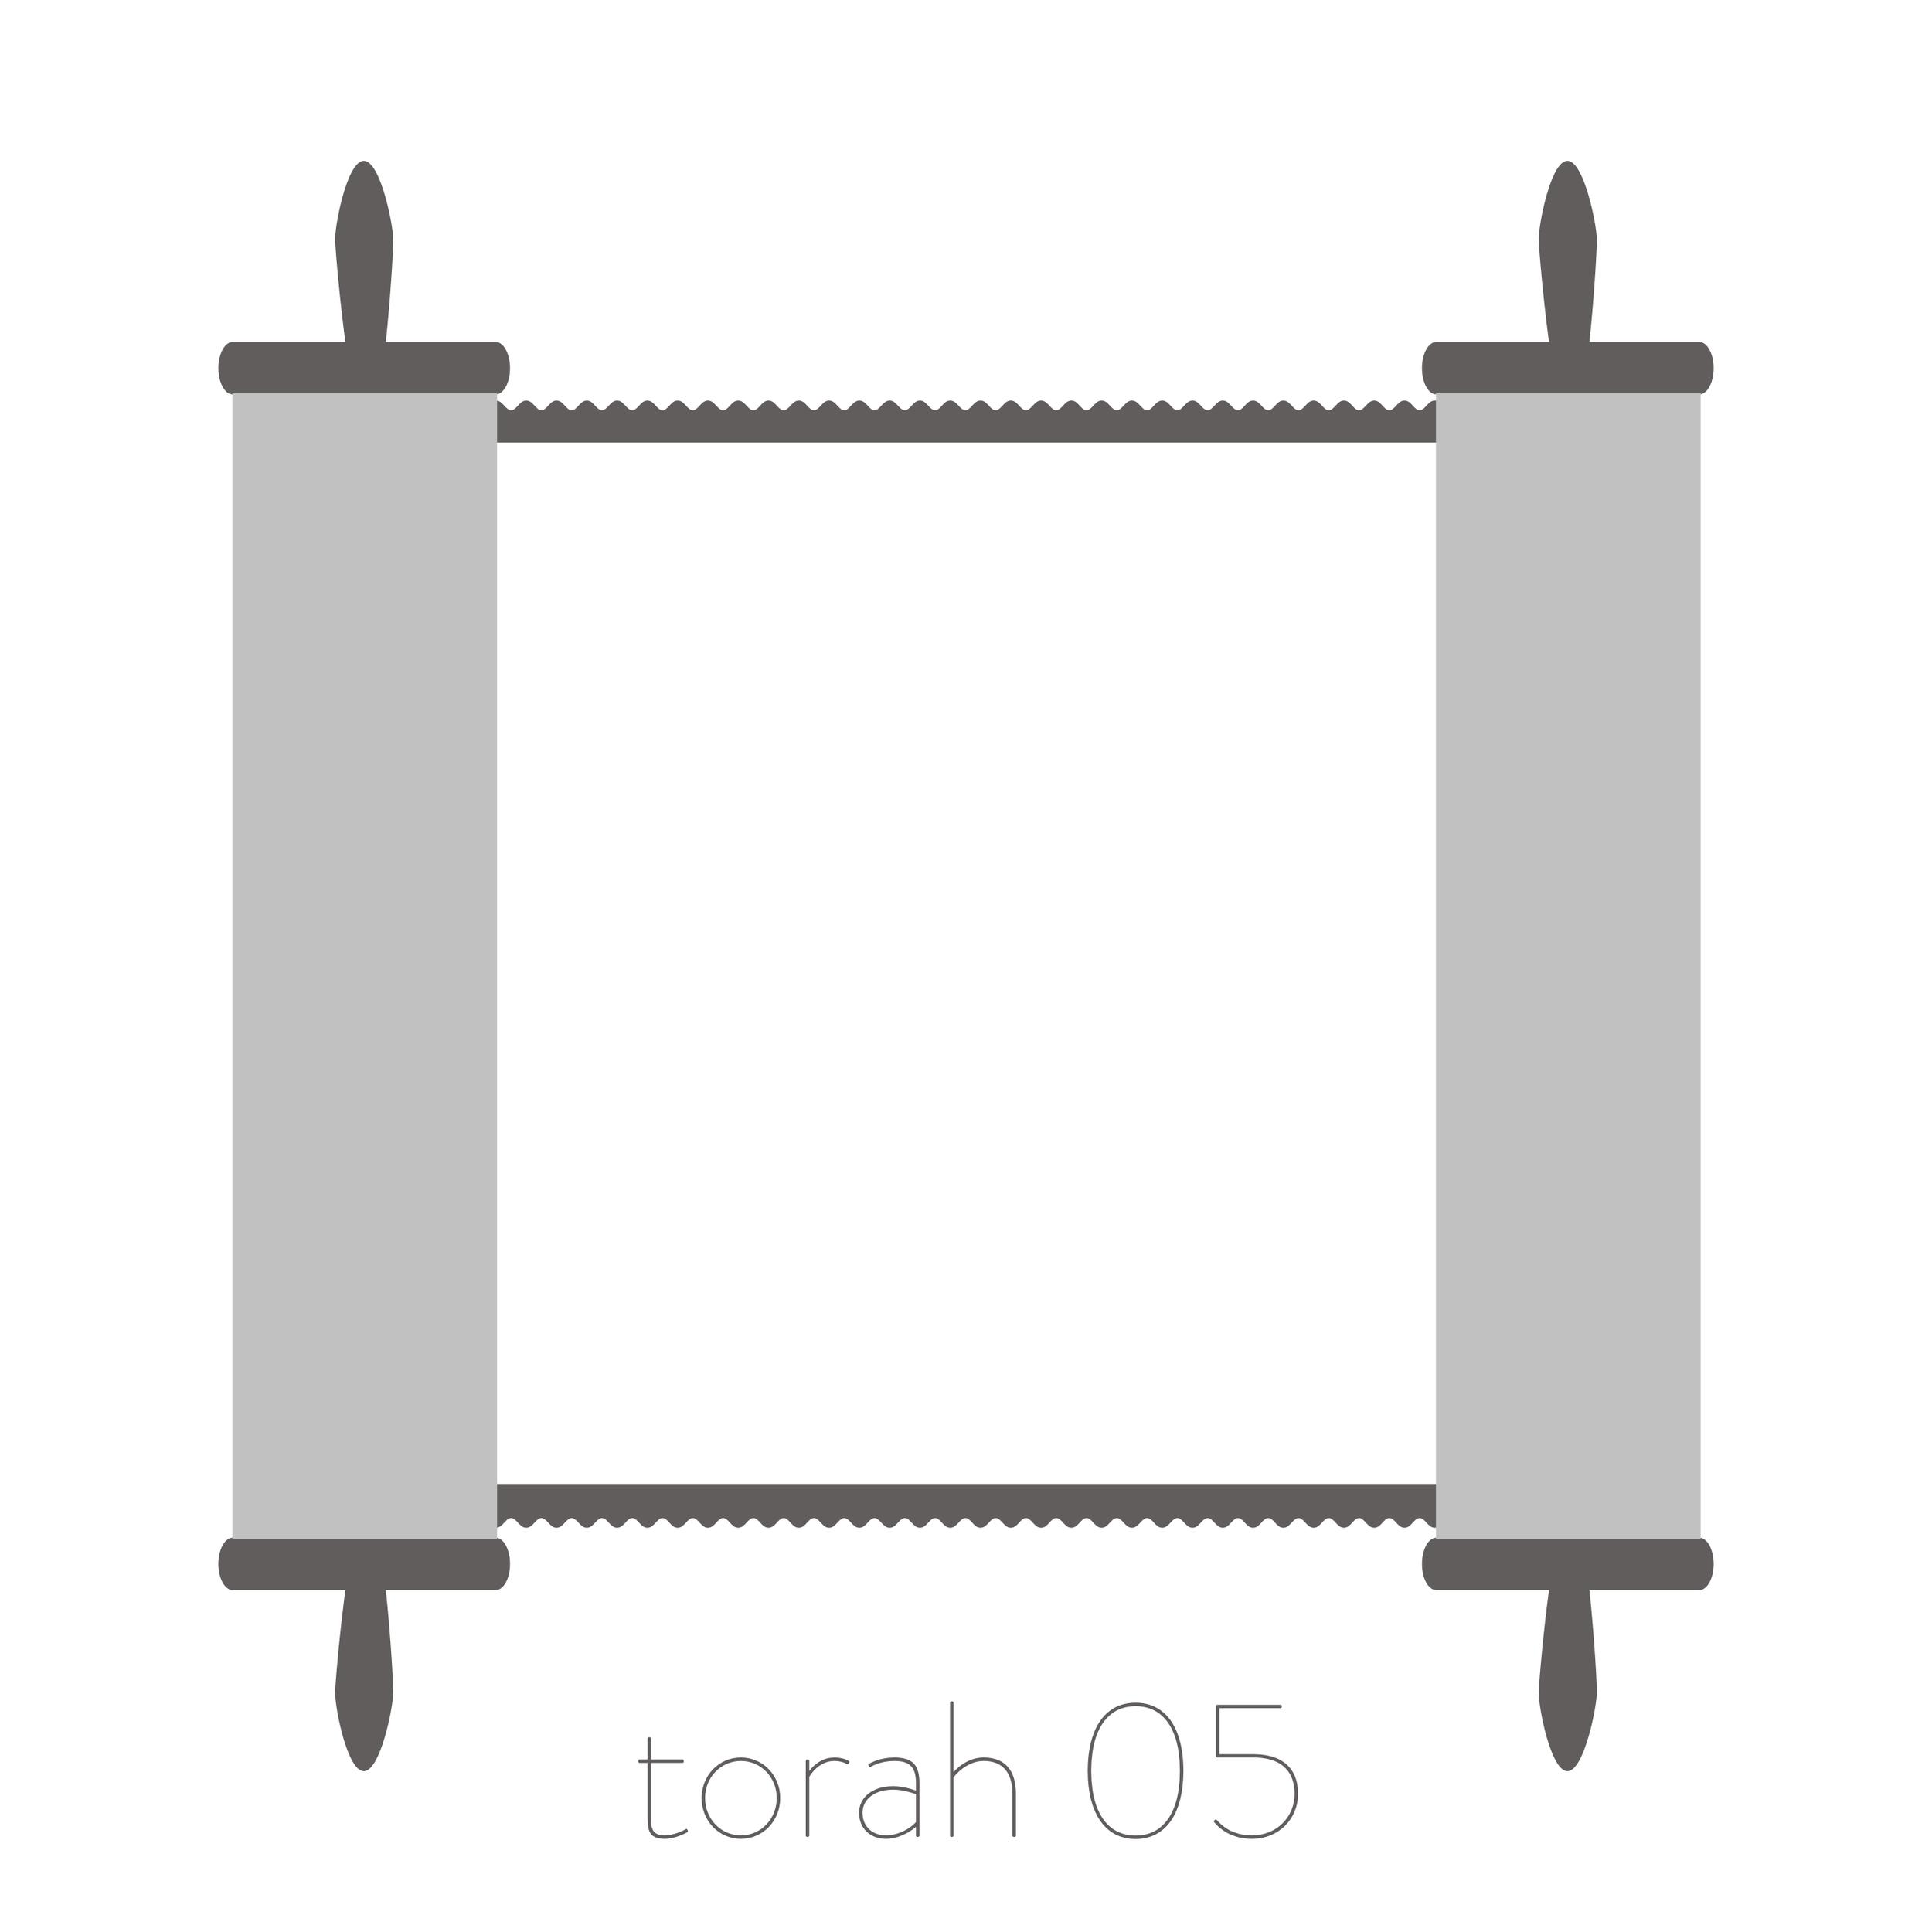 torah 05.png